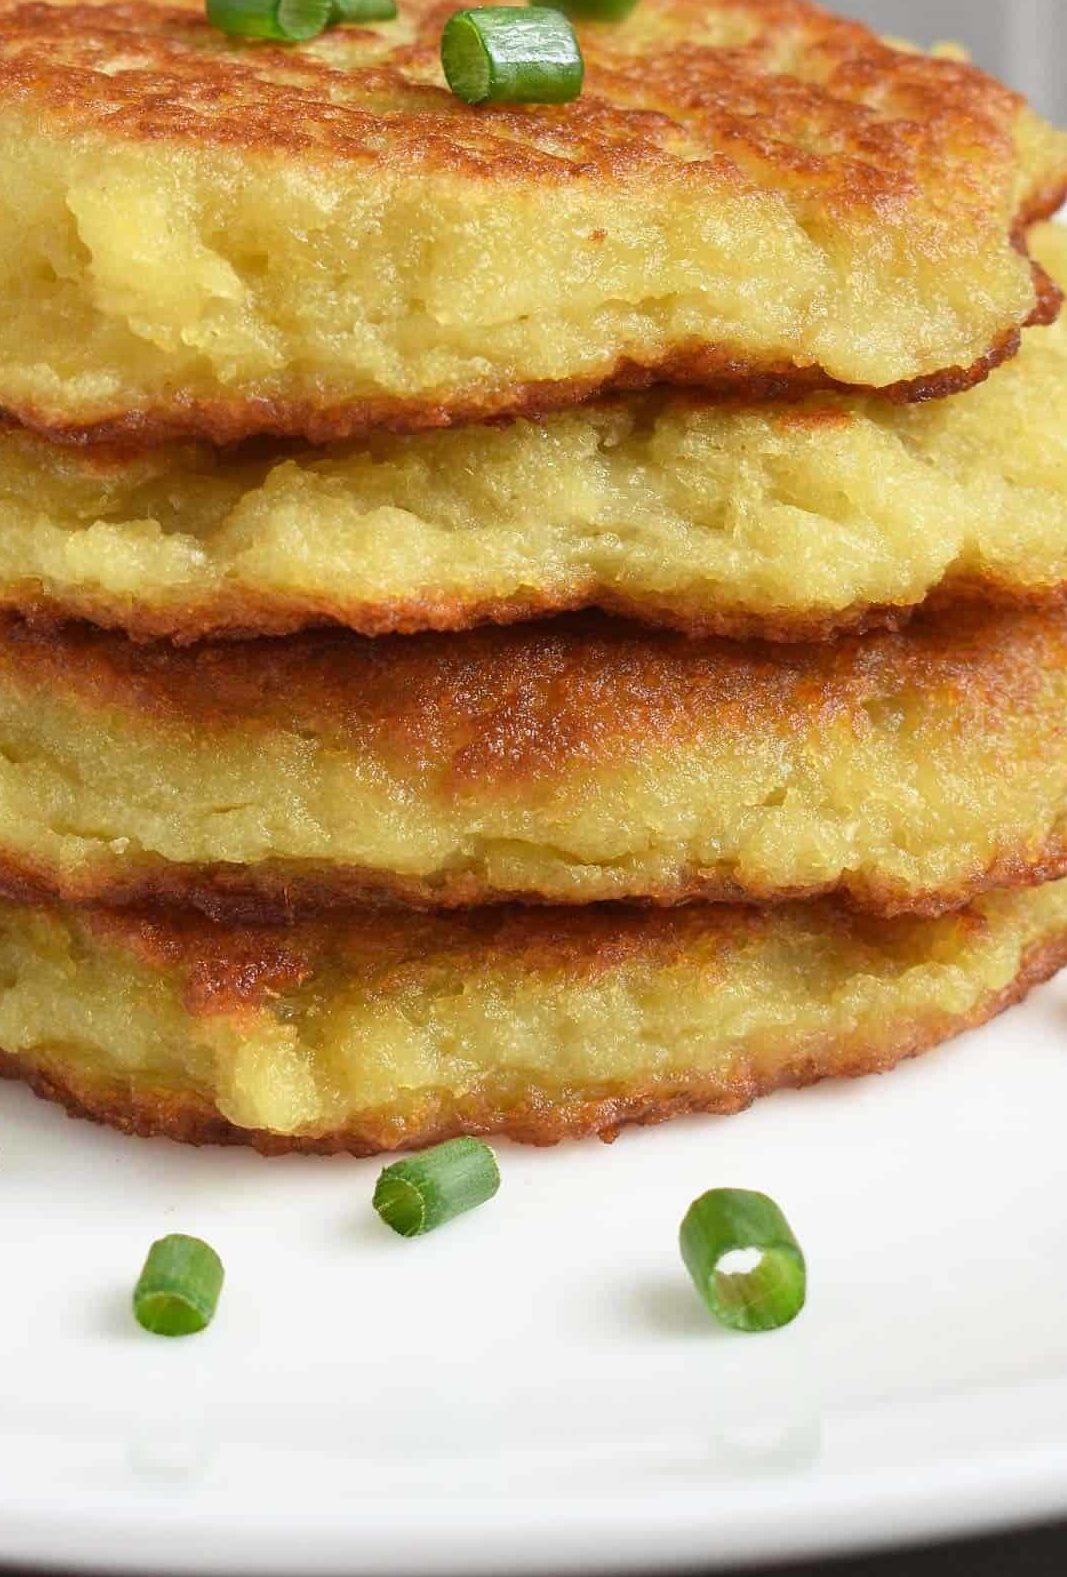 Deruny são panquecas de batatas e estão na lista de quais os pratos típicos da Ucrânia